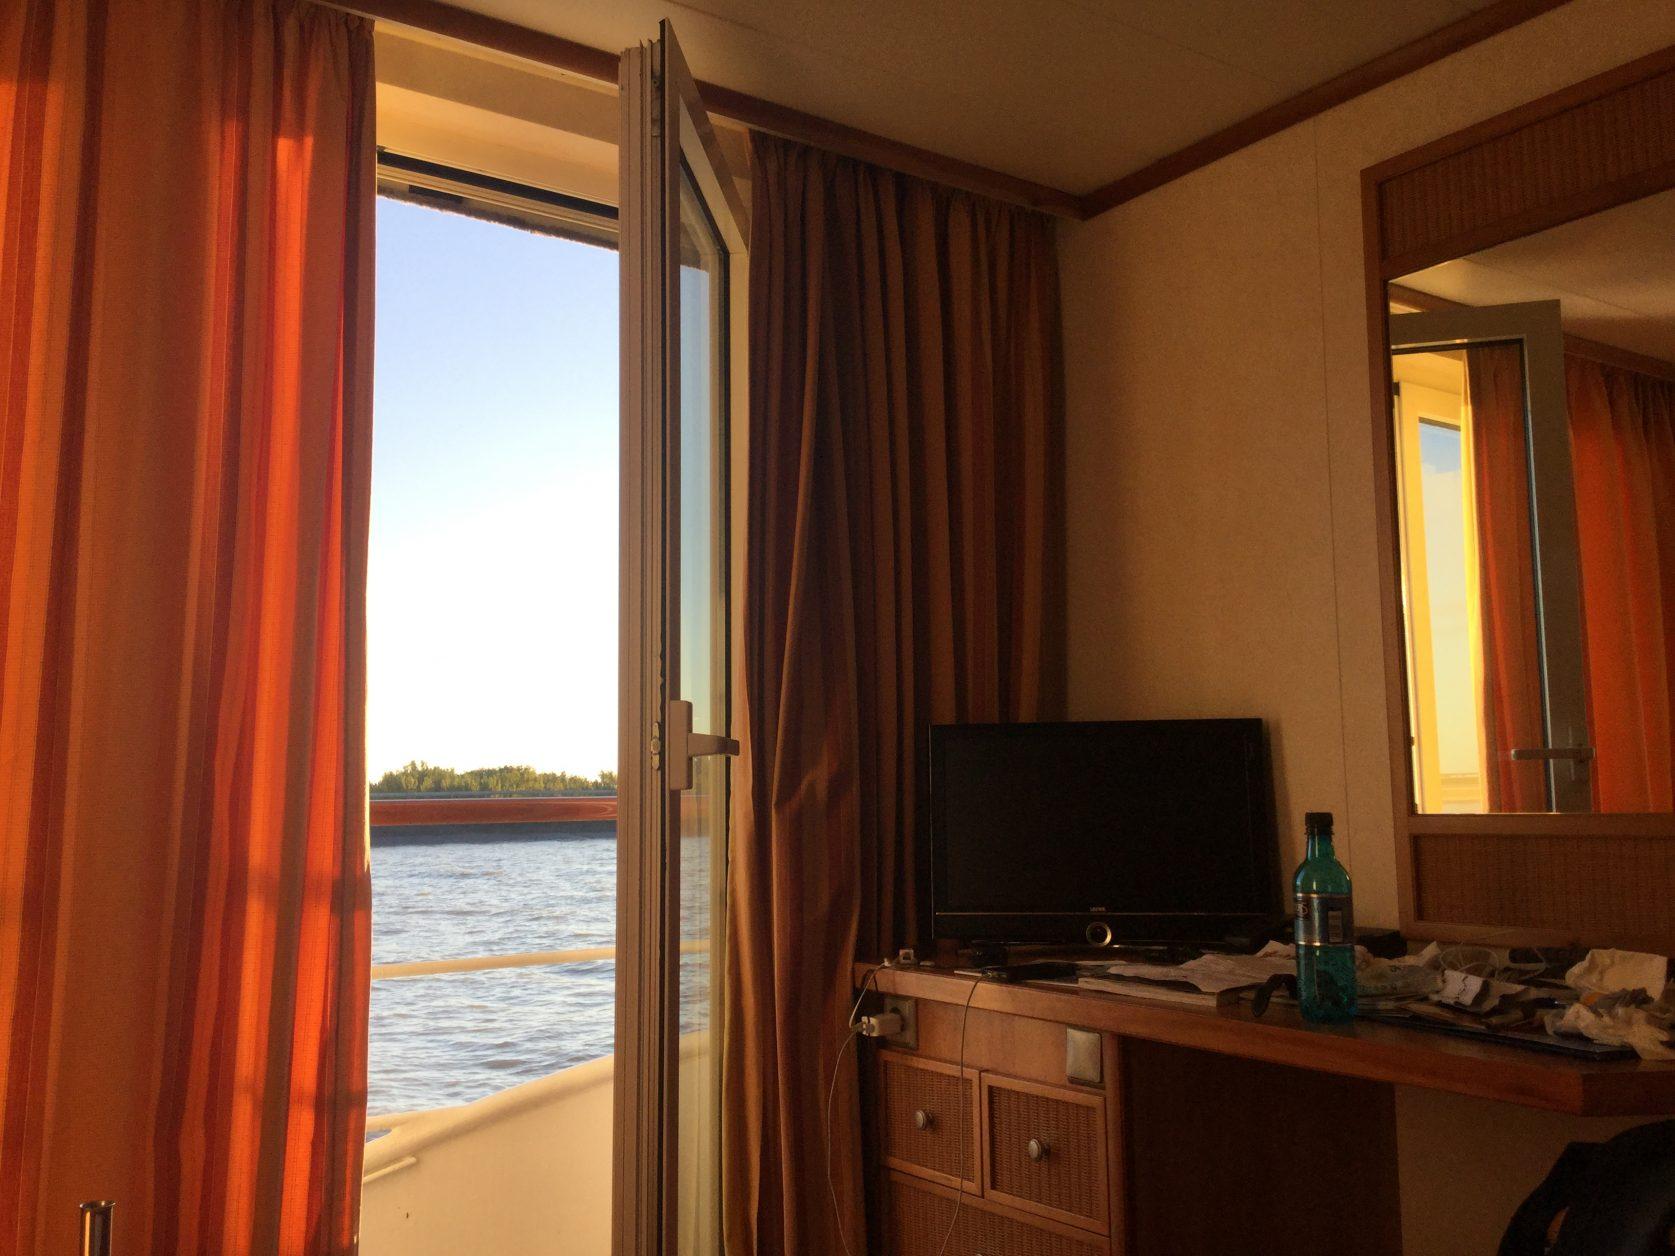 2-Bett-Außenkabine mit französischem Balkon: 16 Quadratmeter groß. Foto: Weirauch